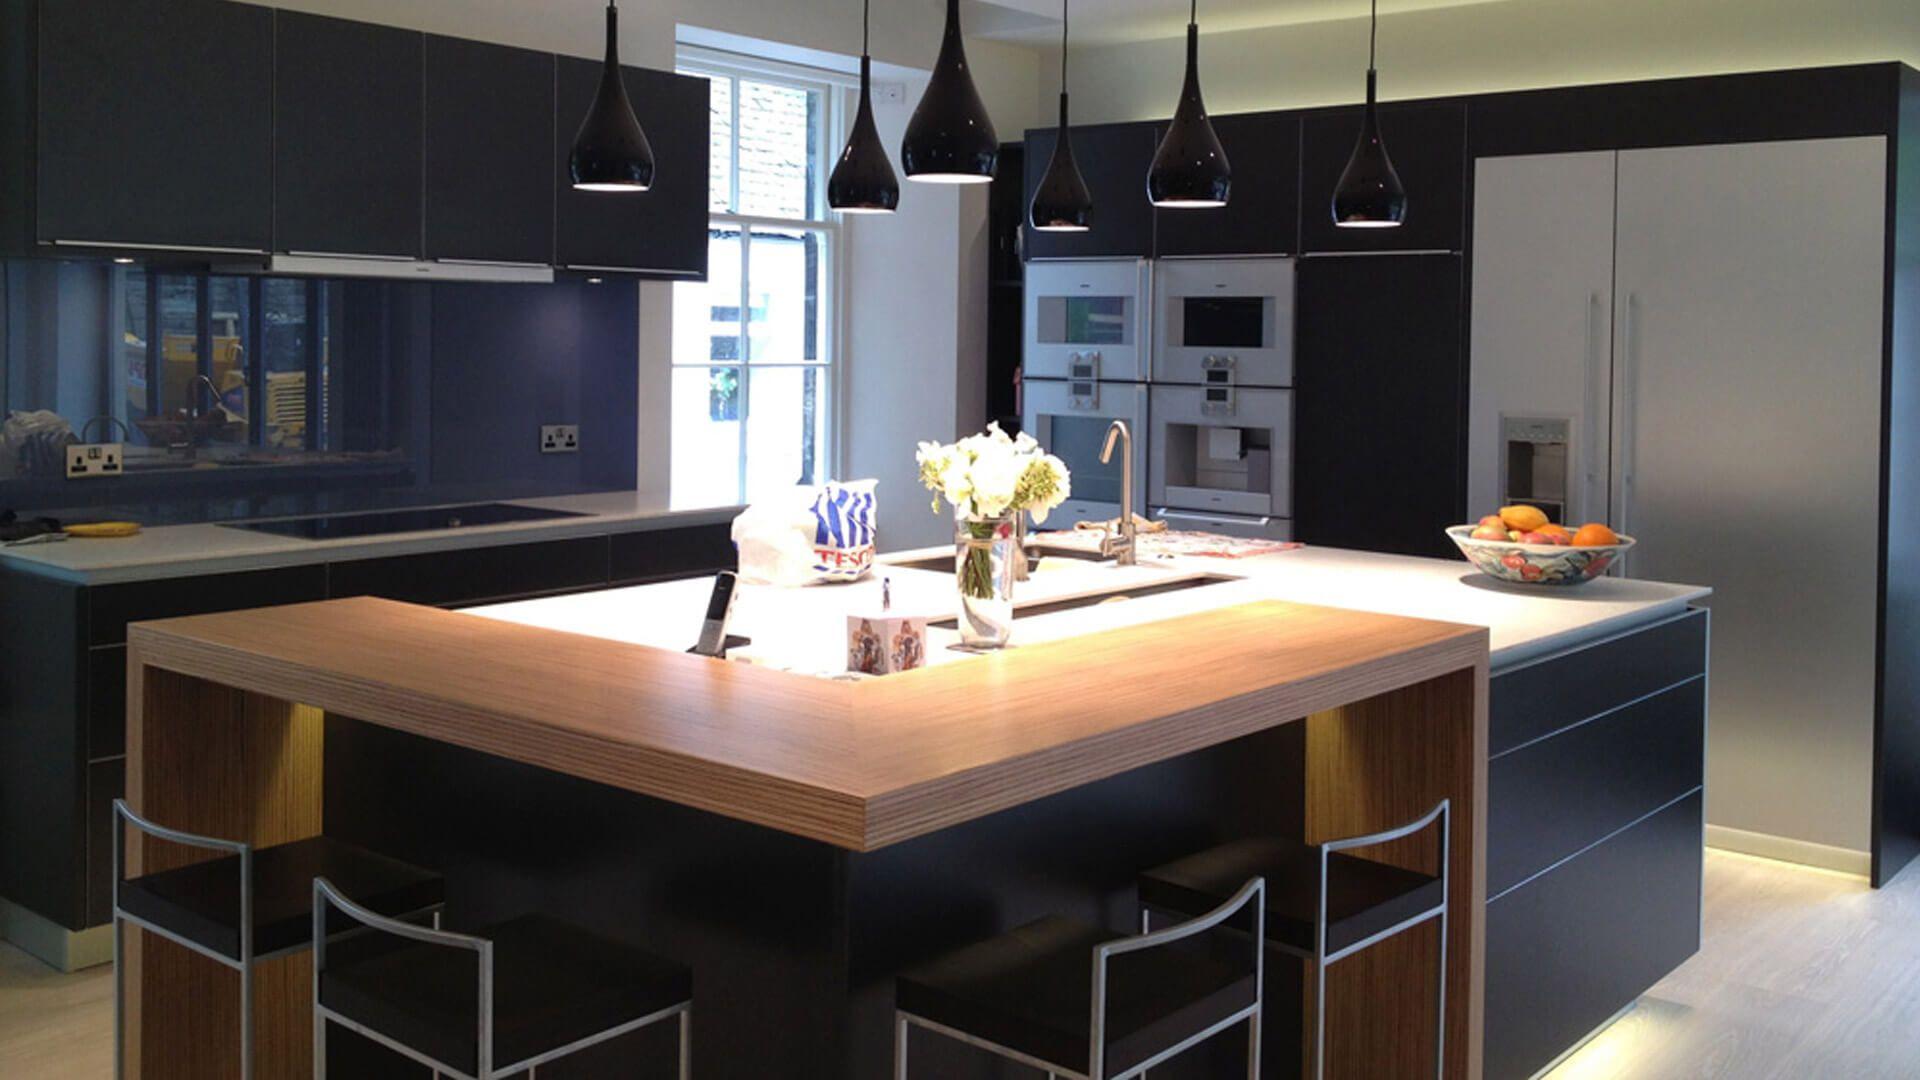 Montaje de cocinas | Cocinas | Pinterest | Montajes, Beneficios de y ...